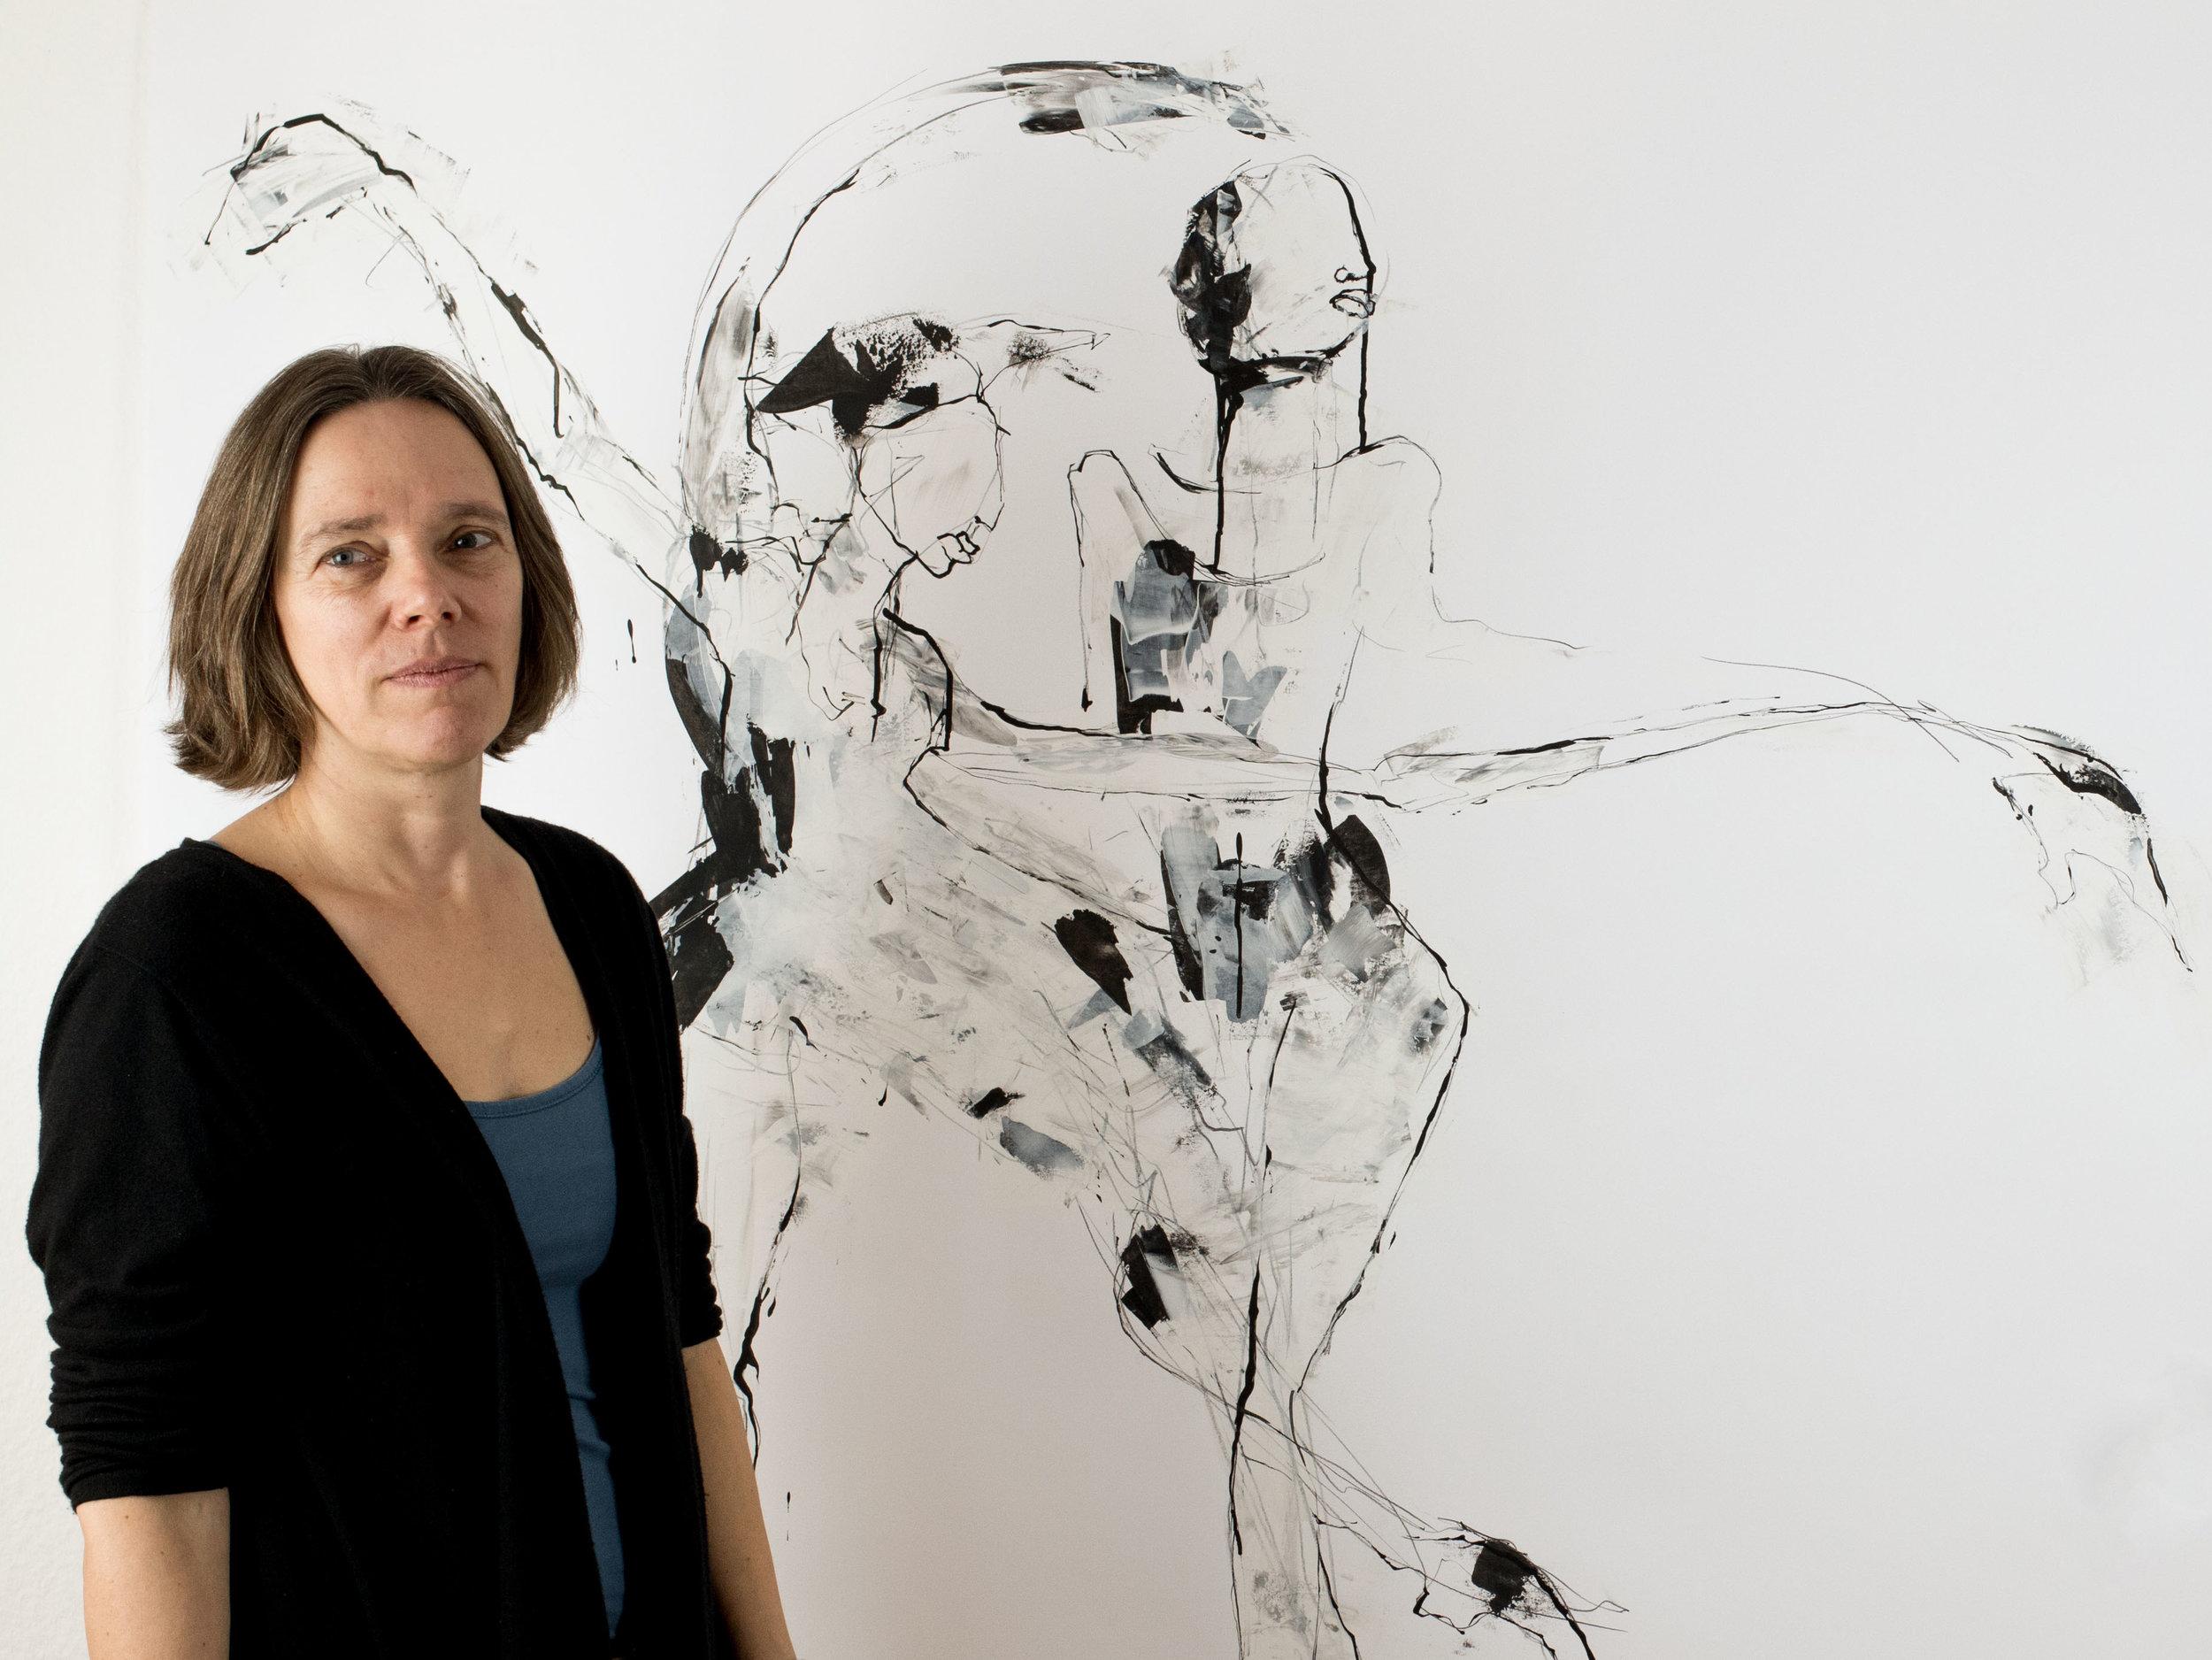 »Wenn ich zeichne, läuft die Zeit nicht gradlinig für mich, manchmal habe ich das Gefühl, ich sehein einer Art von Zeitlupe.« - Ruth Tauchert